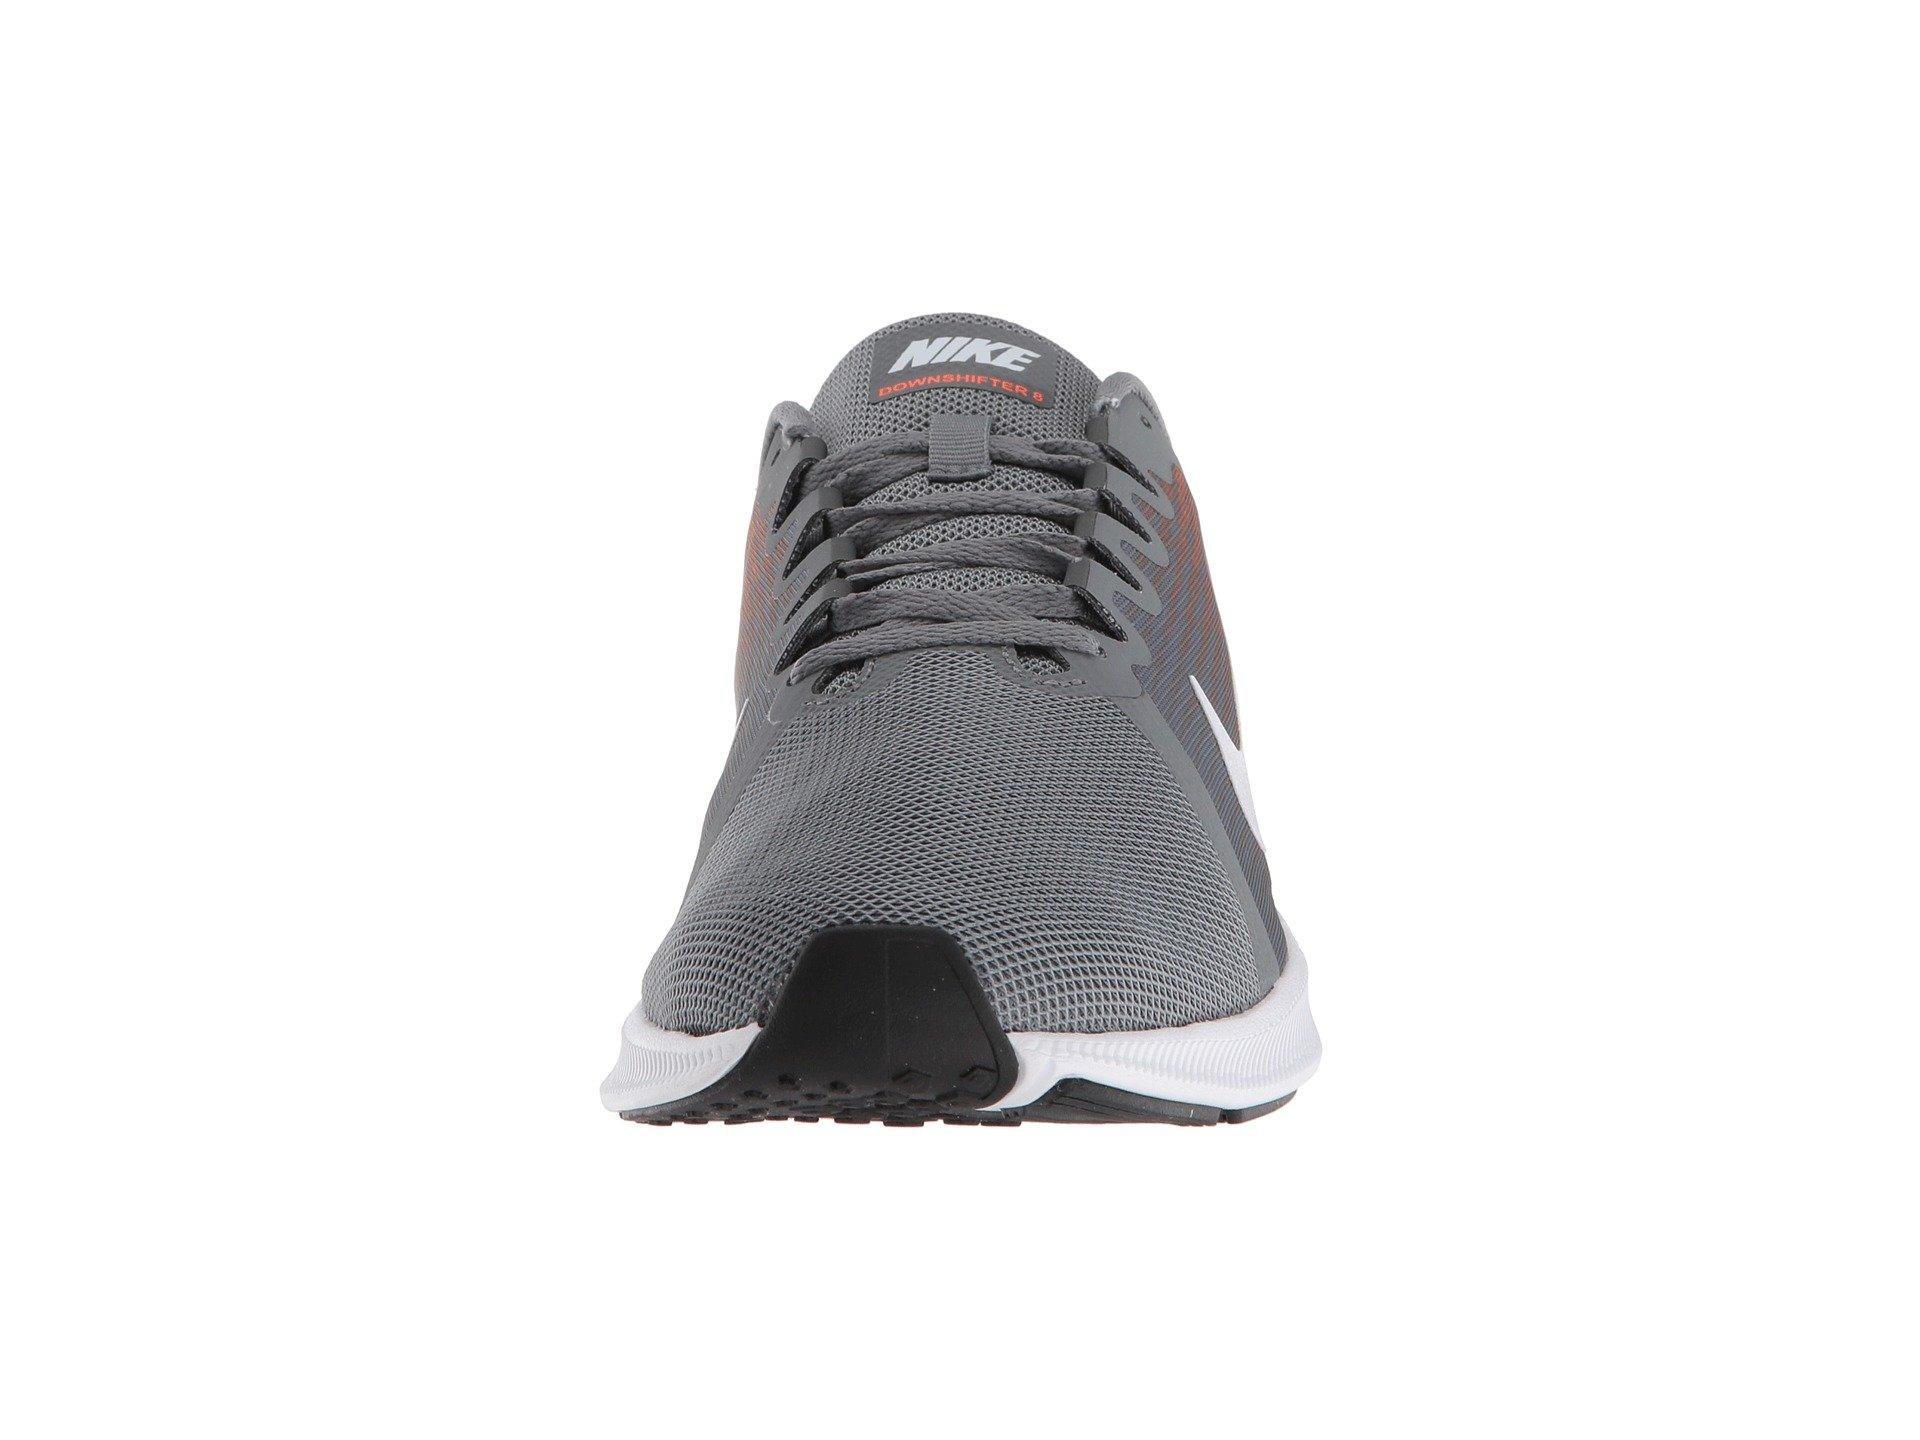 b8078b1899 Nike Mercurial Vapor R9 Sport Bag | HopShopGo